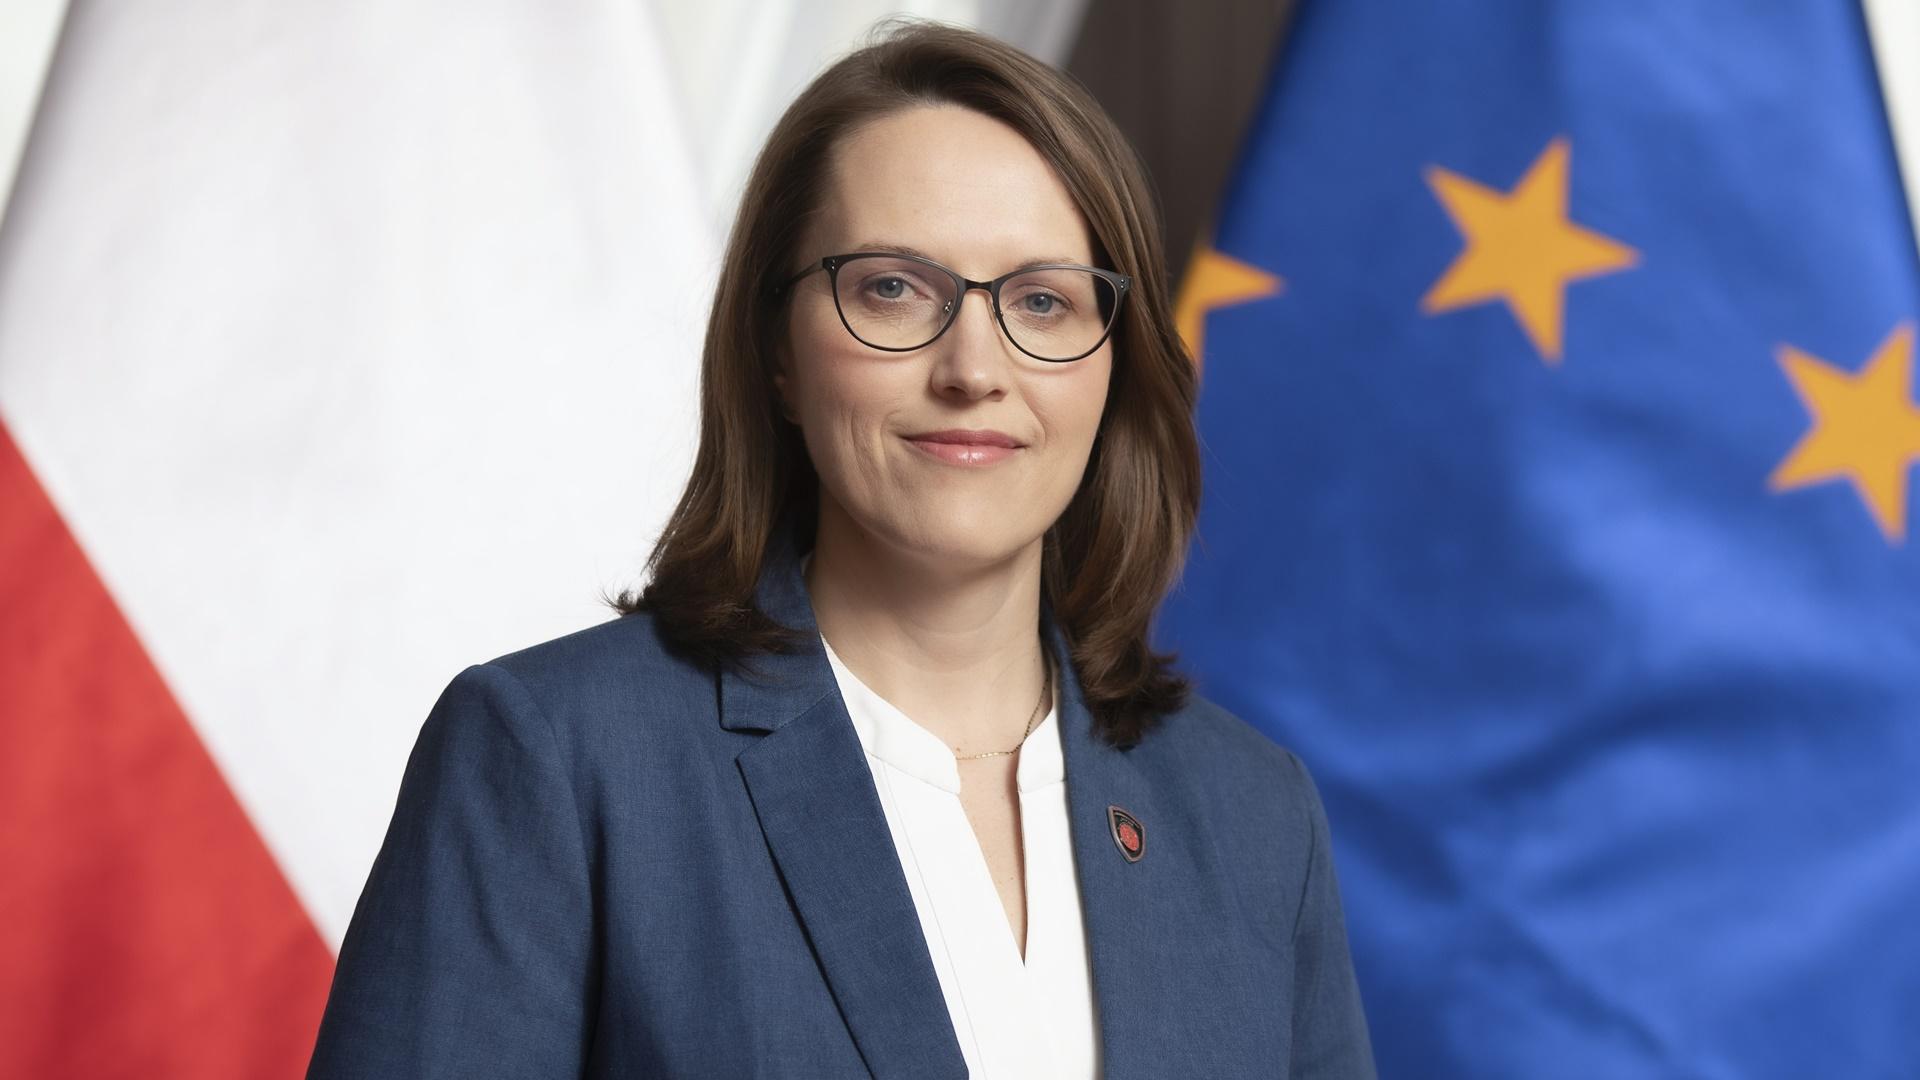 Sekretarz Stanu, Szef Krajowej Administracji Skarbowej Magdalena Rzeczkowska, źródło: www.gov.pl